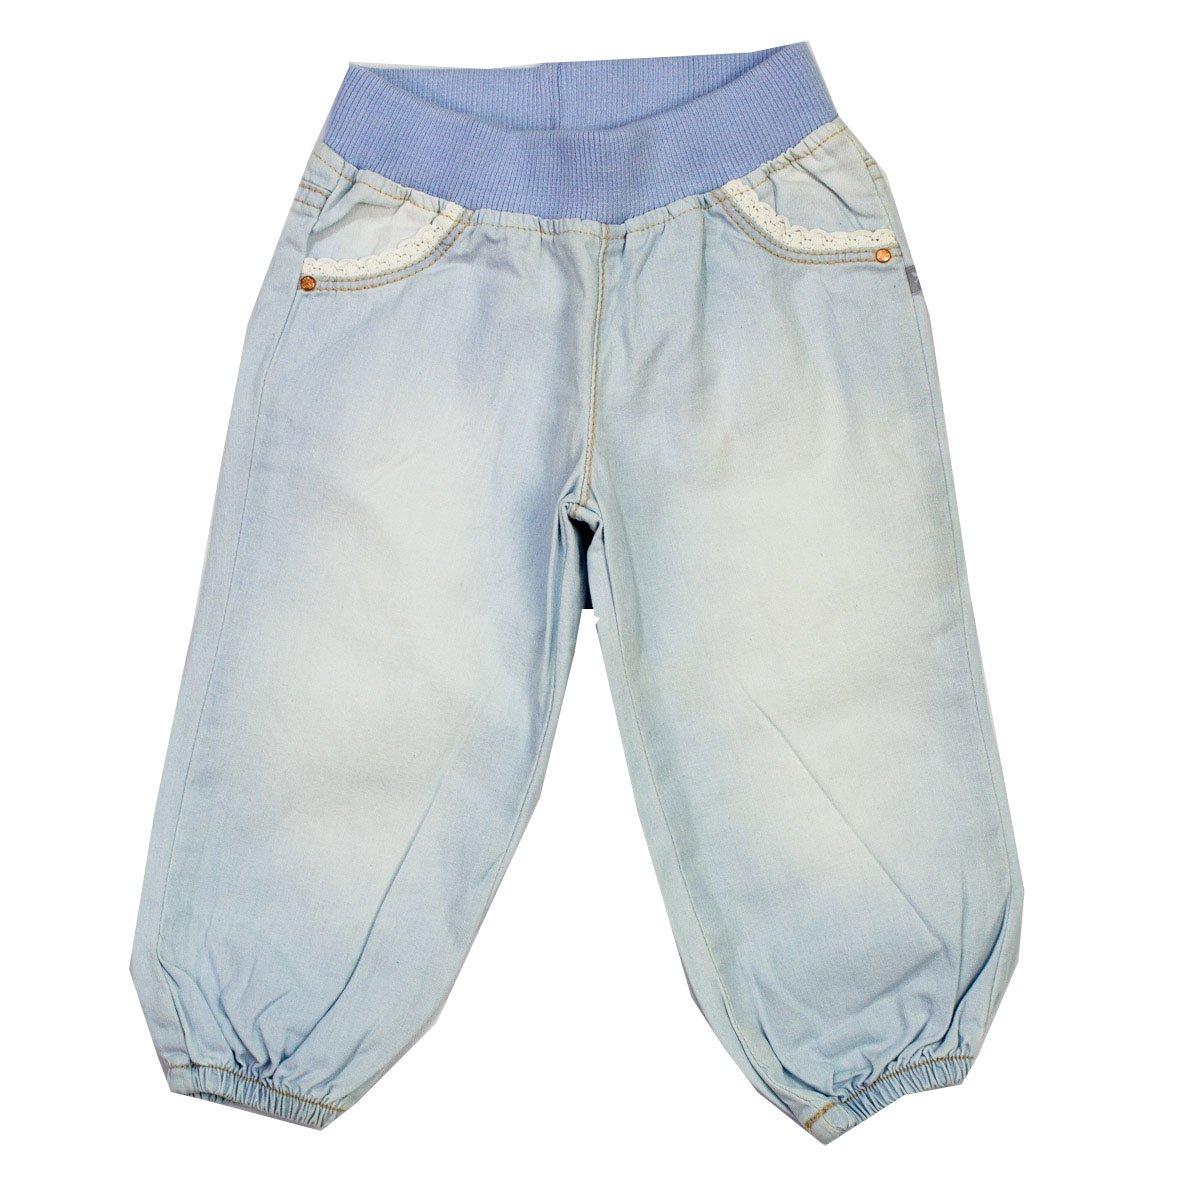 78cde5768 Bizz Store - Calça Jeans Com Punho Bebê Menina Hering Kids